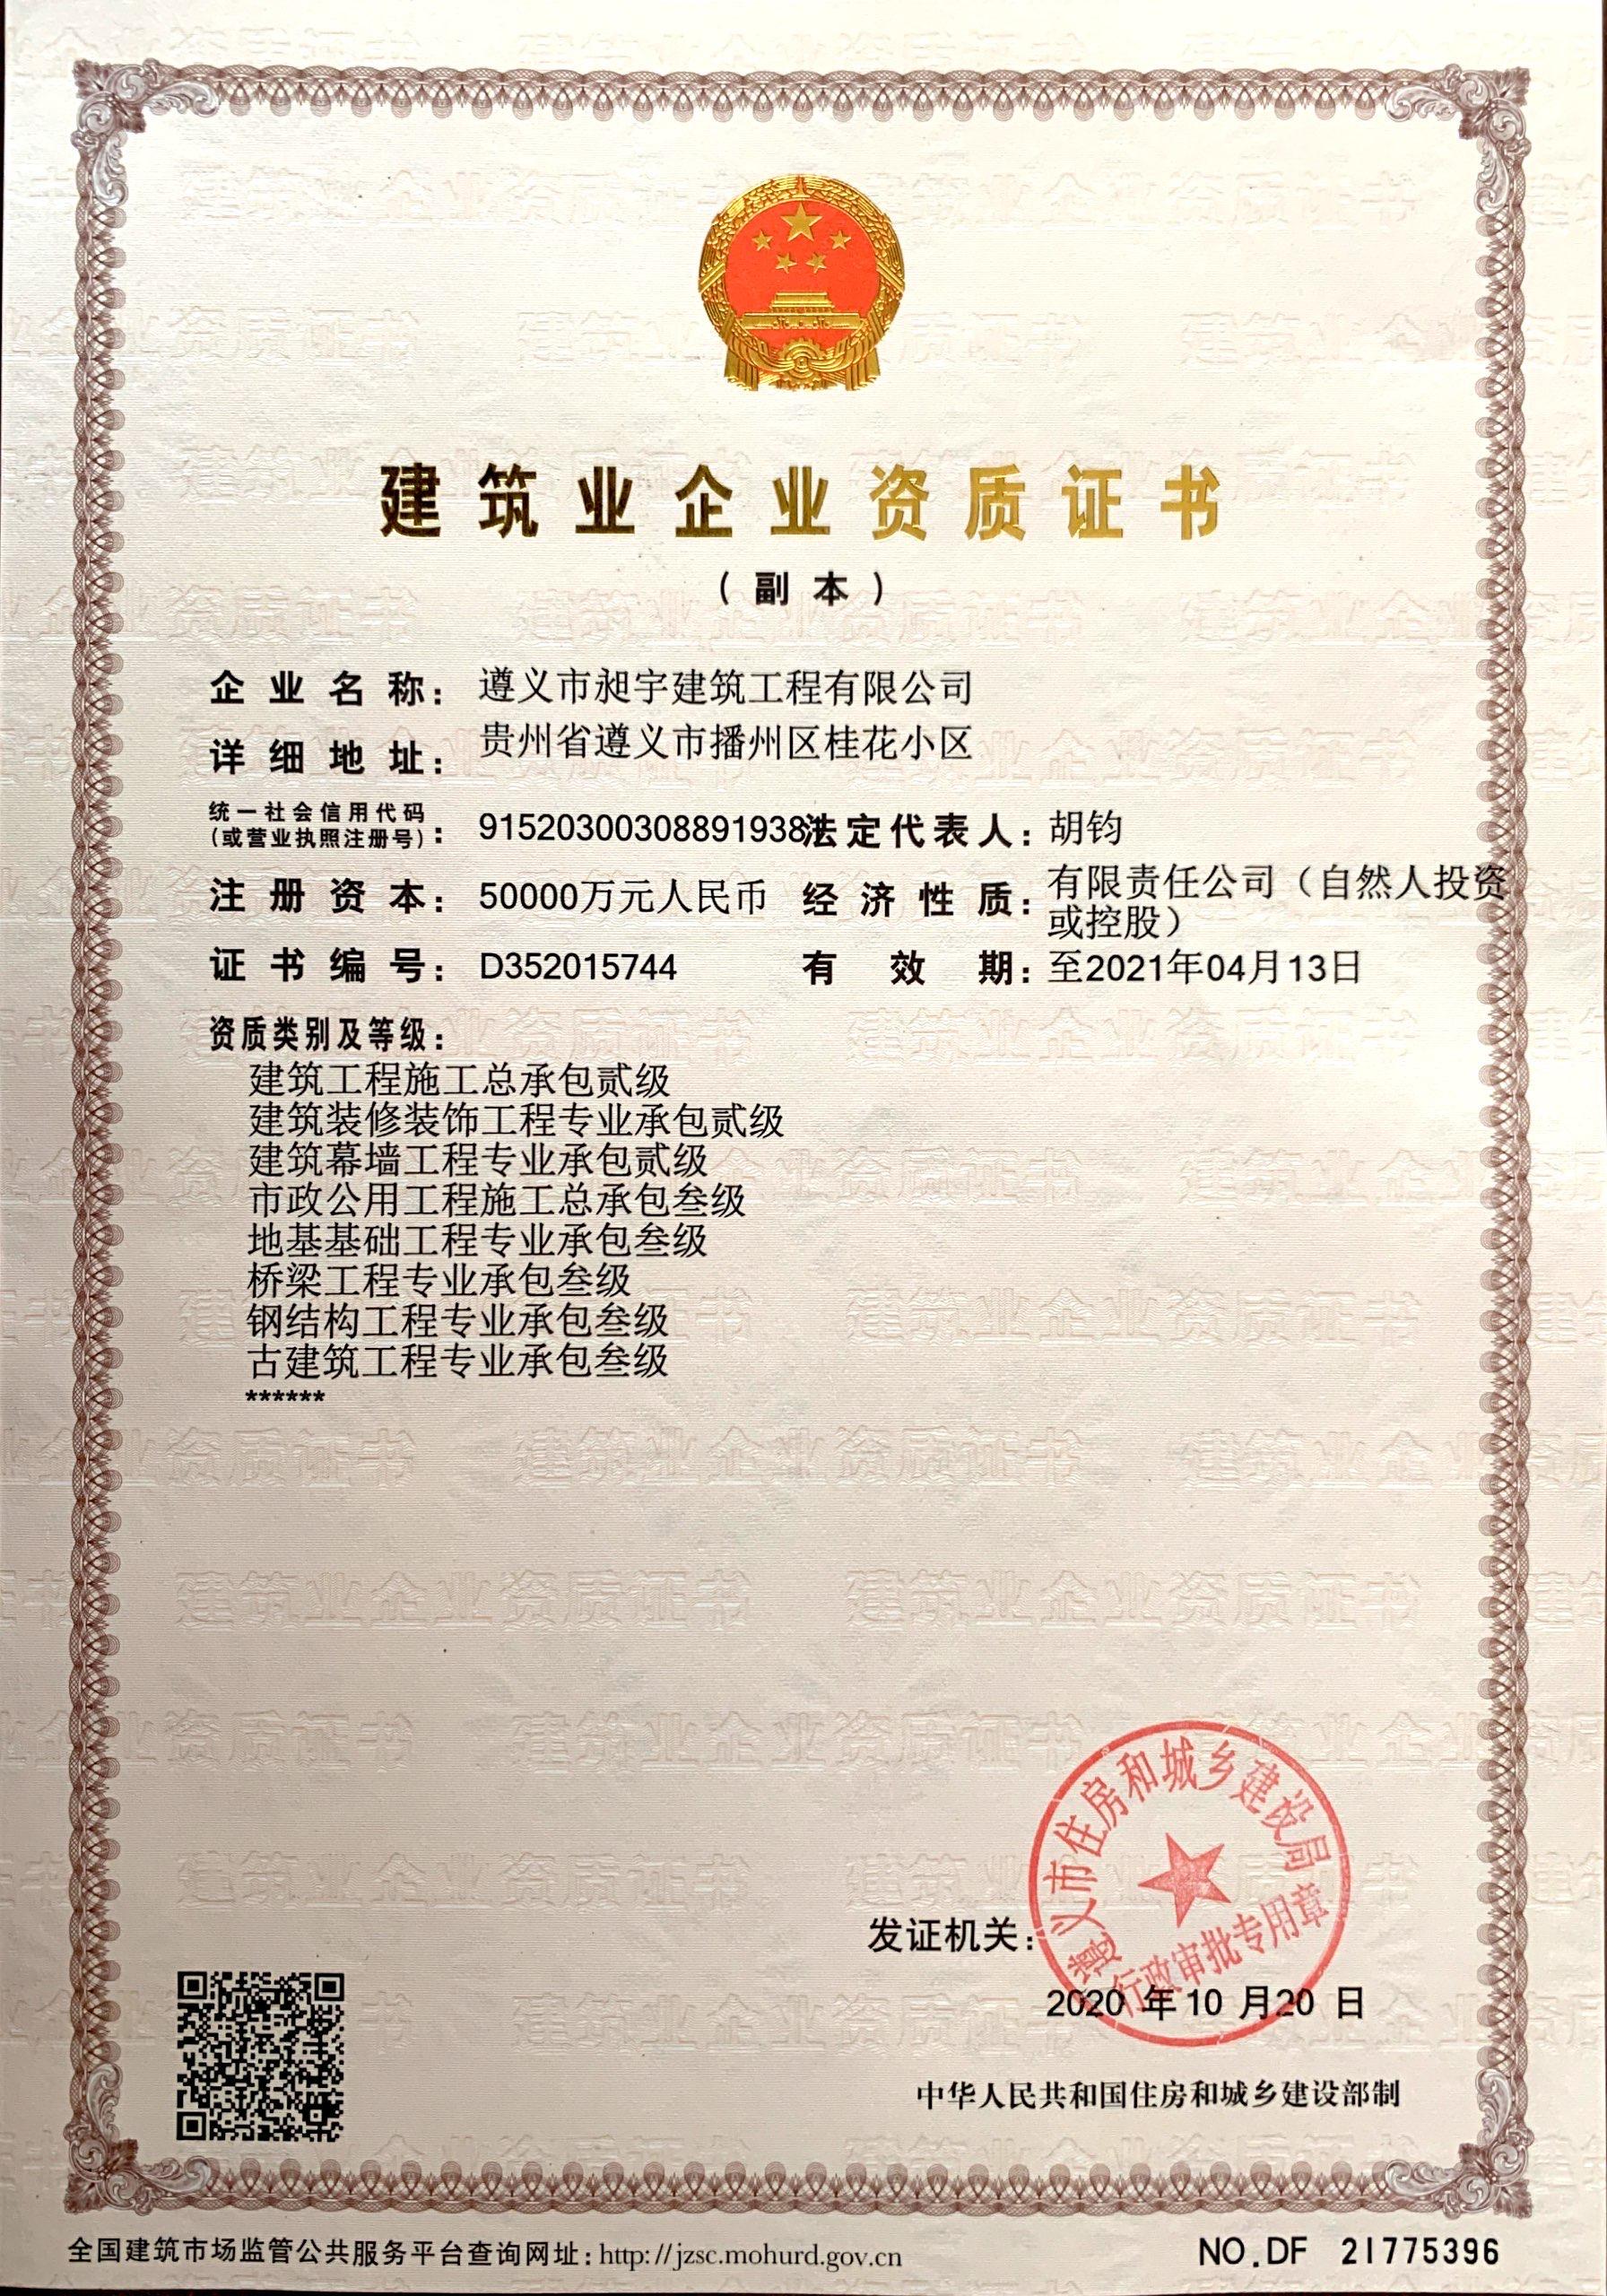 企業資質證書(副本)